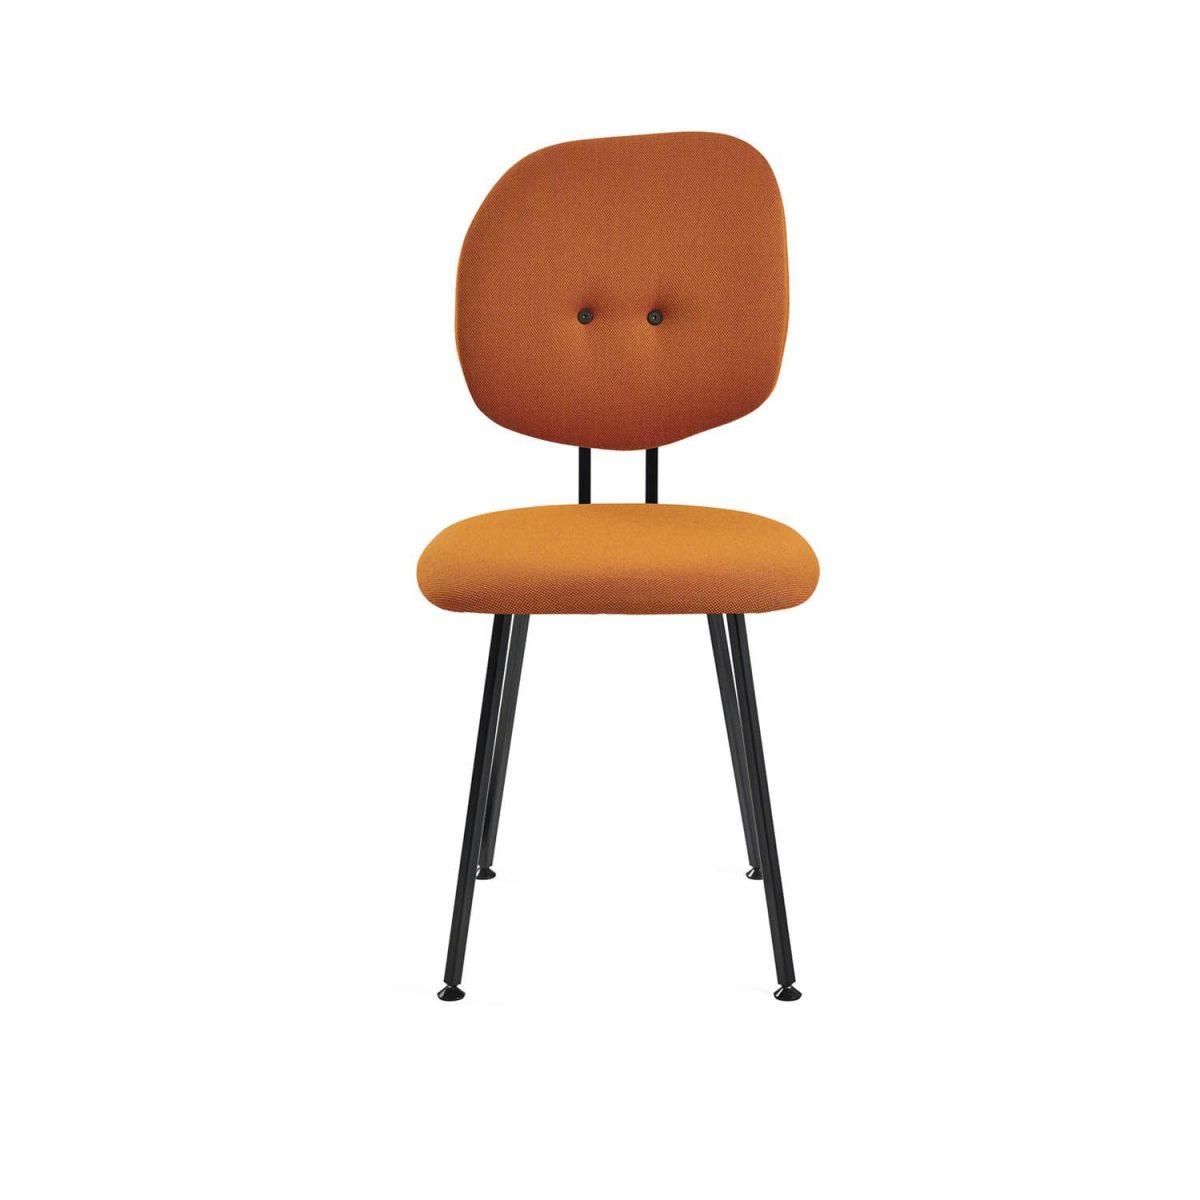 Oranje Maarten Baas 101 Stoel Lensvelt Project Bureaustoel